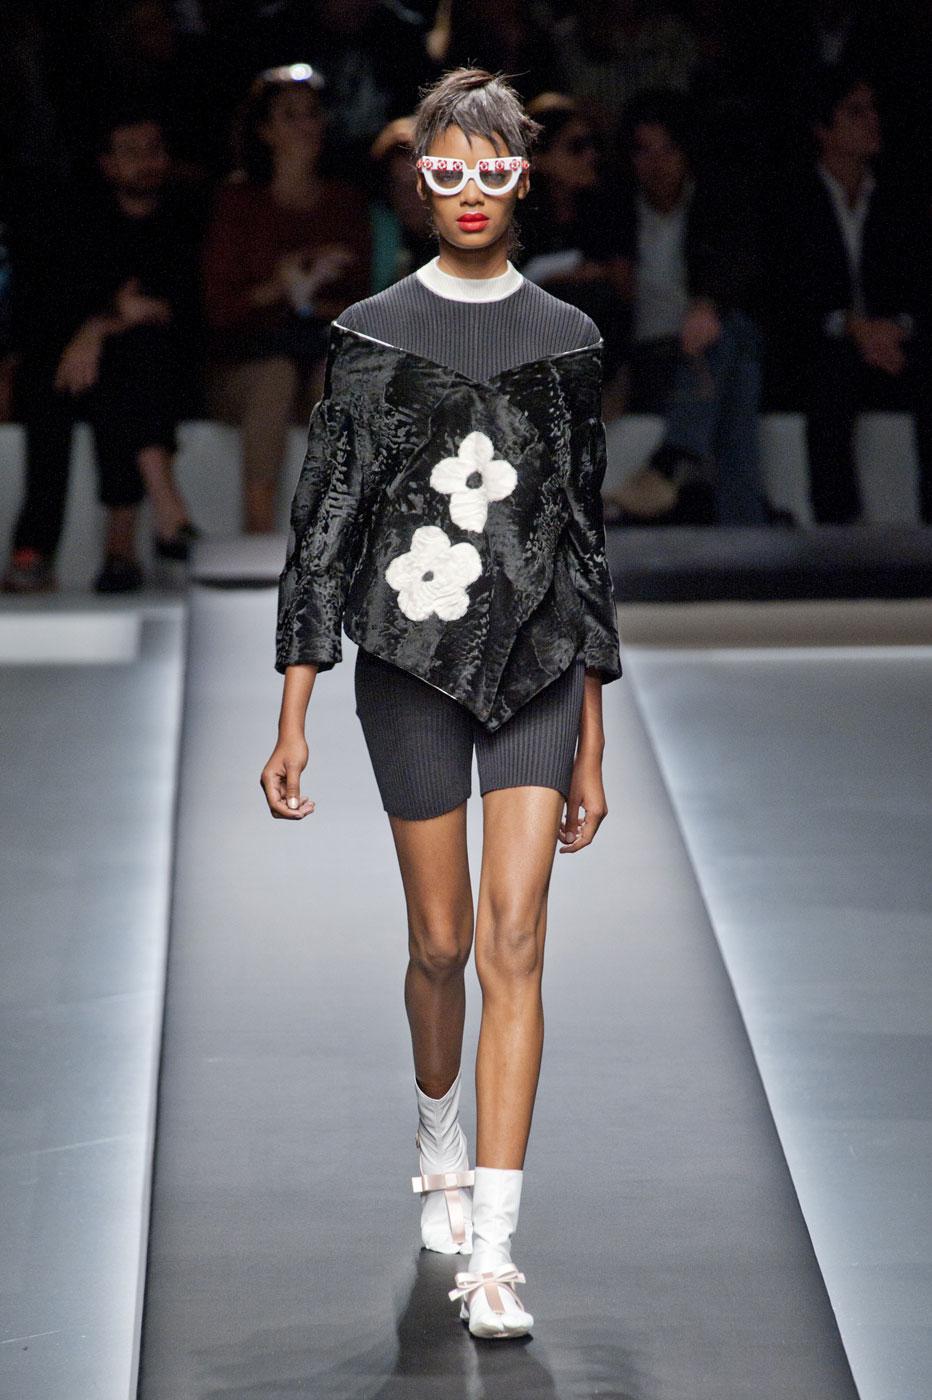 la colección primavera verano 2013 de Prada